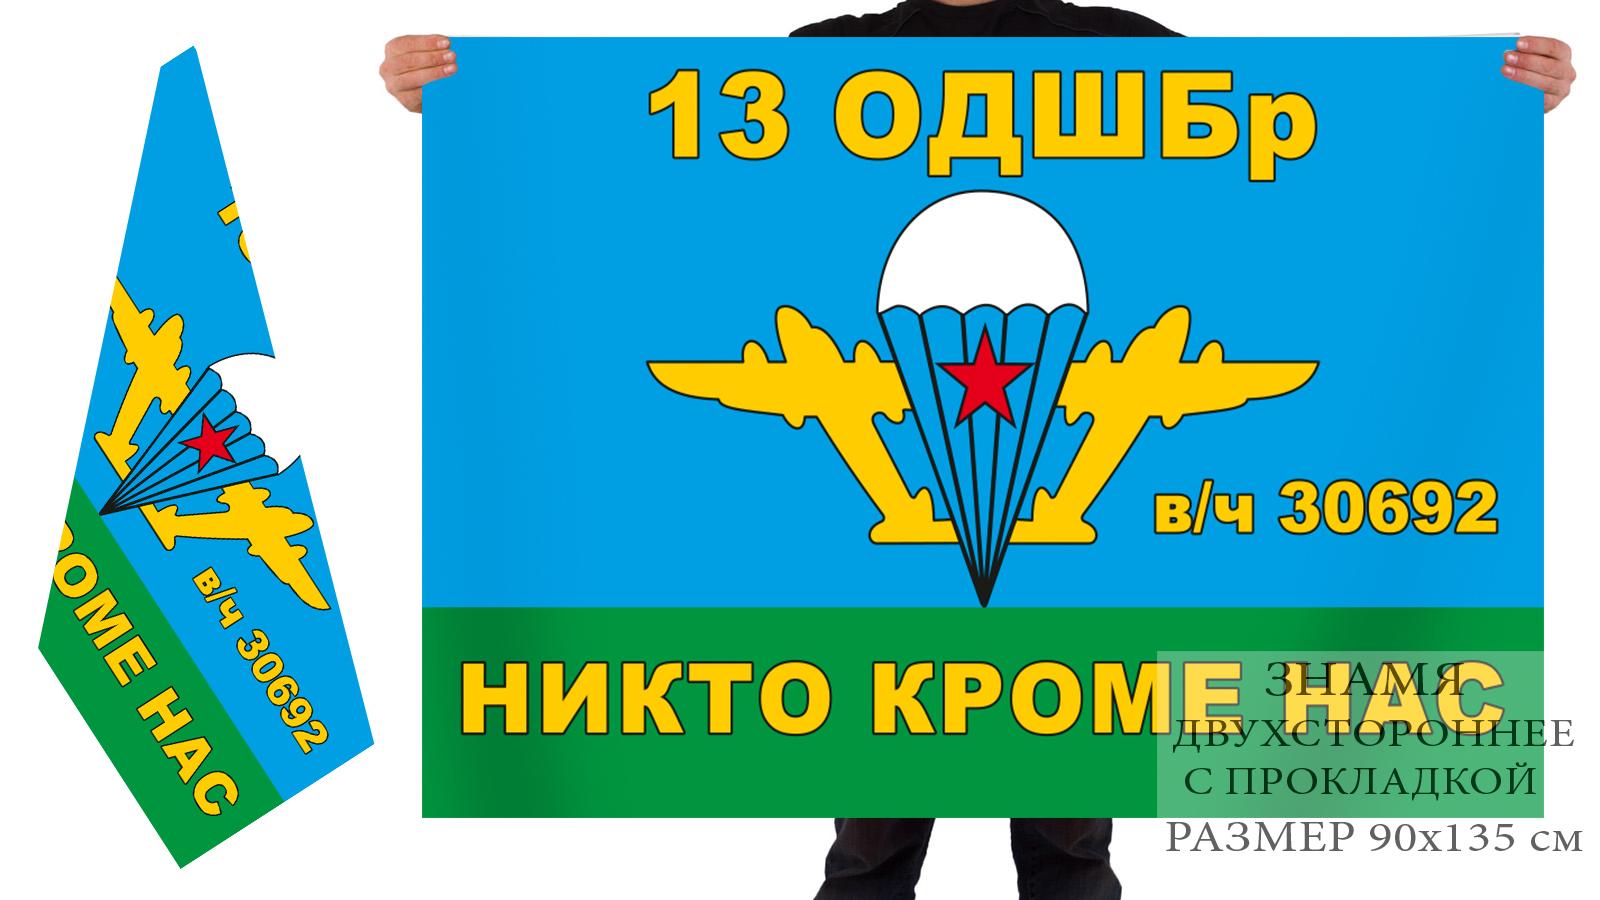 Двусторонний флаг 13 отдельной десантно-штурмовой бригады